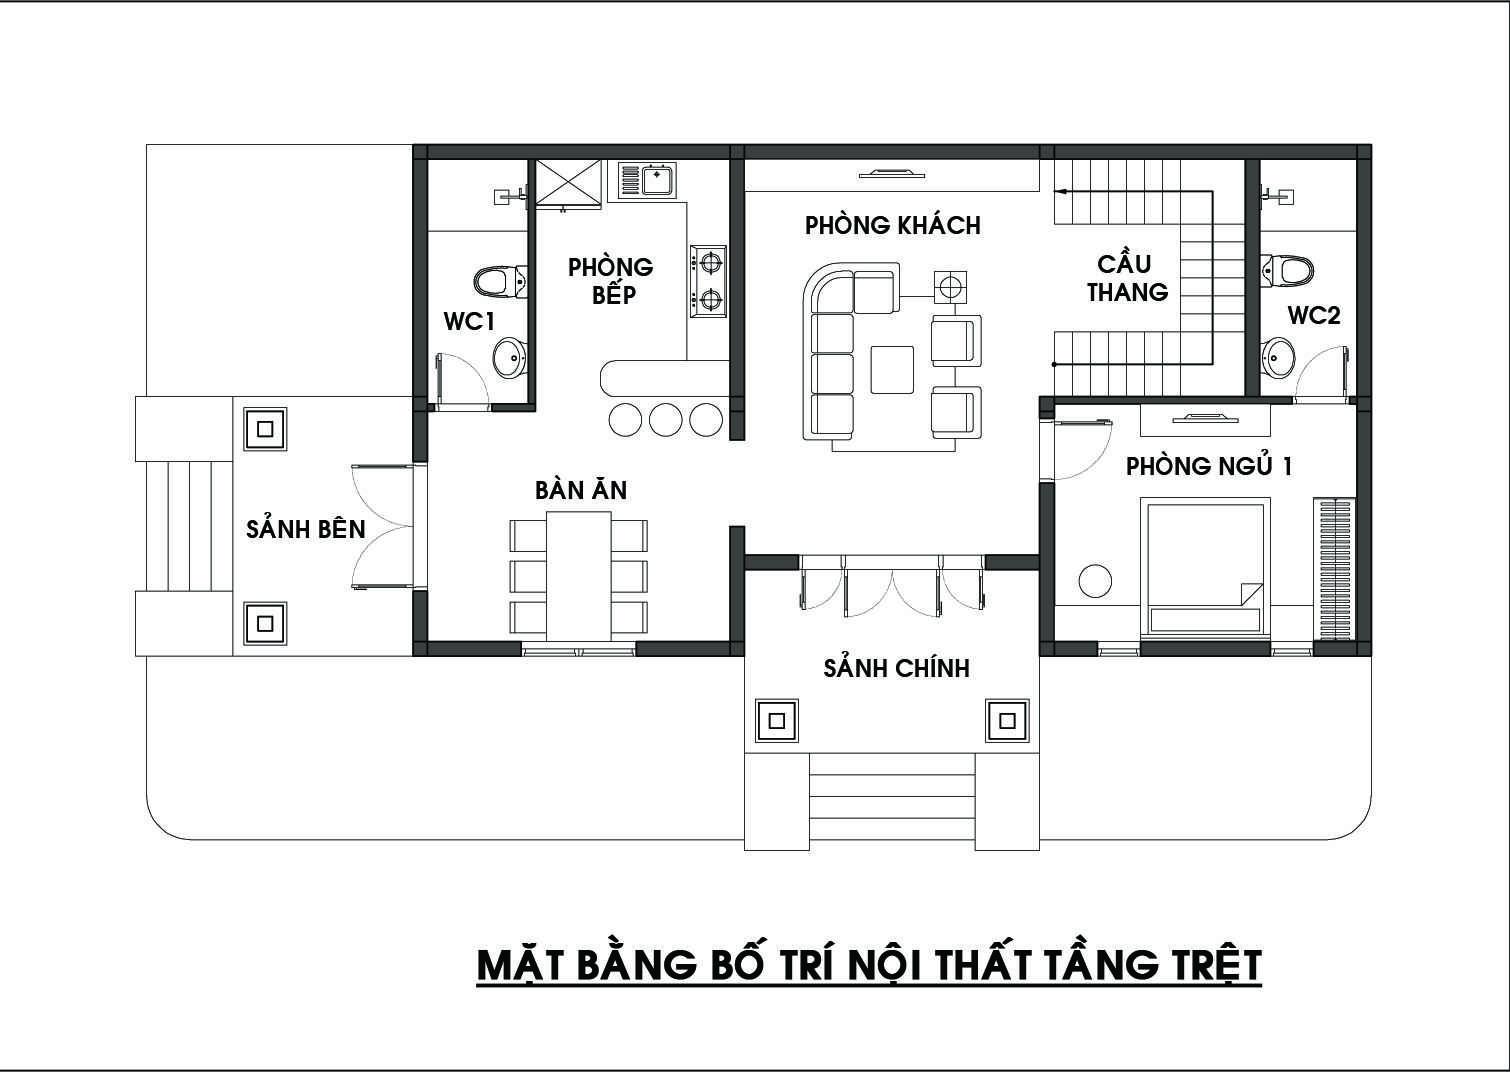 mặt bằng biệt thự 2 tầng 4 phòng ngú